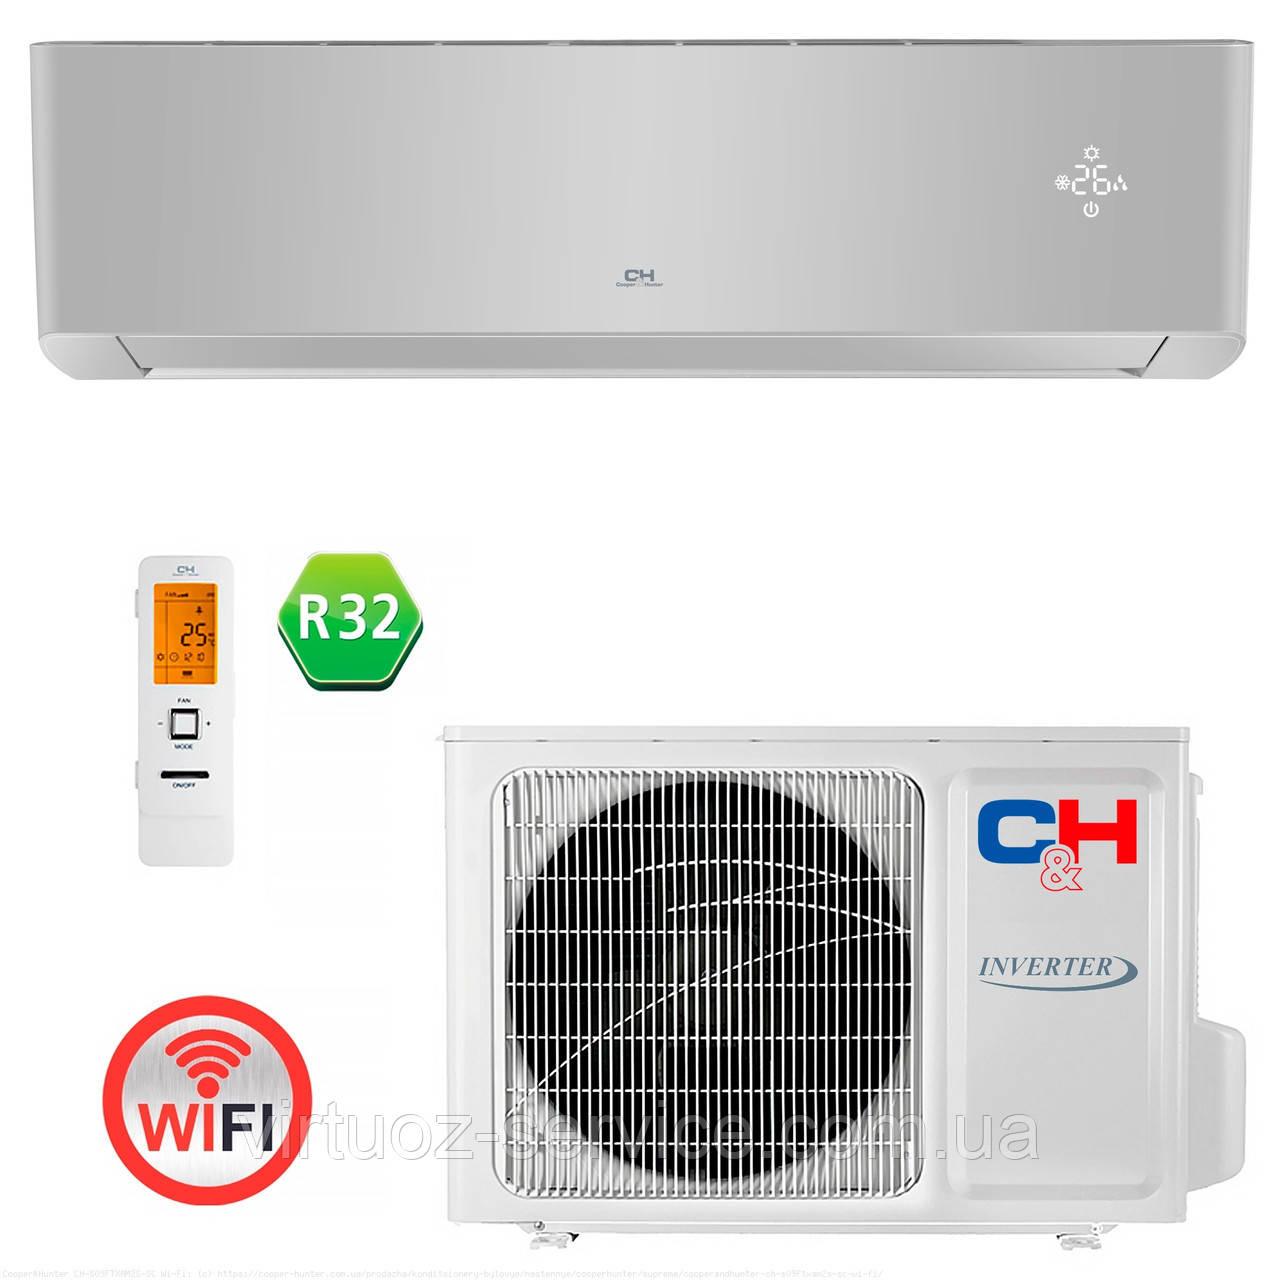 Инверторный кондиционер Cooper&Hunter CH-S12FTXAM2S-SC Wi-Fi